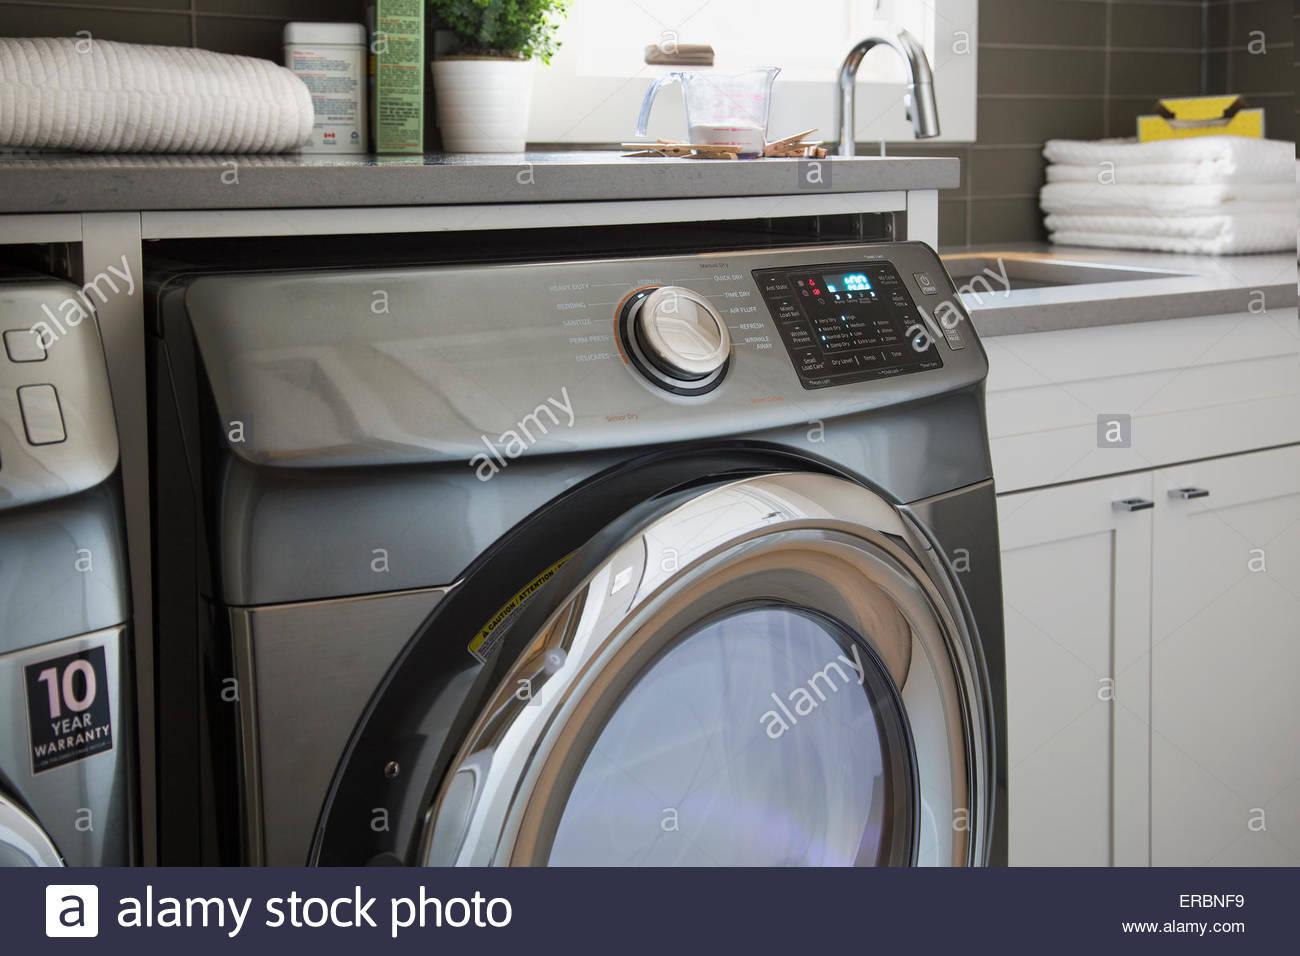 Efficienza energetica lavatrice nella stanza lavanderia Immagini Stock